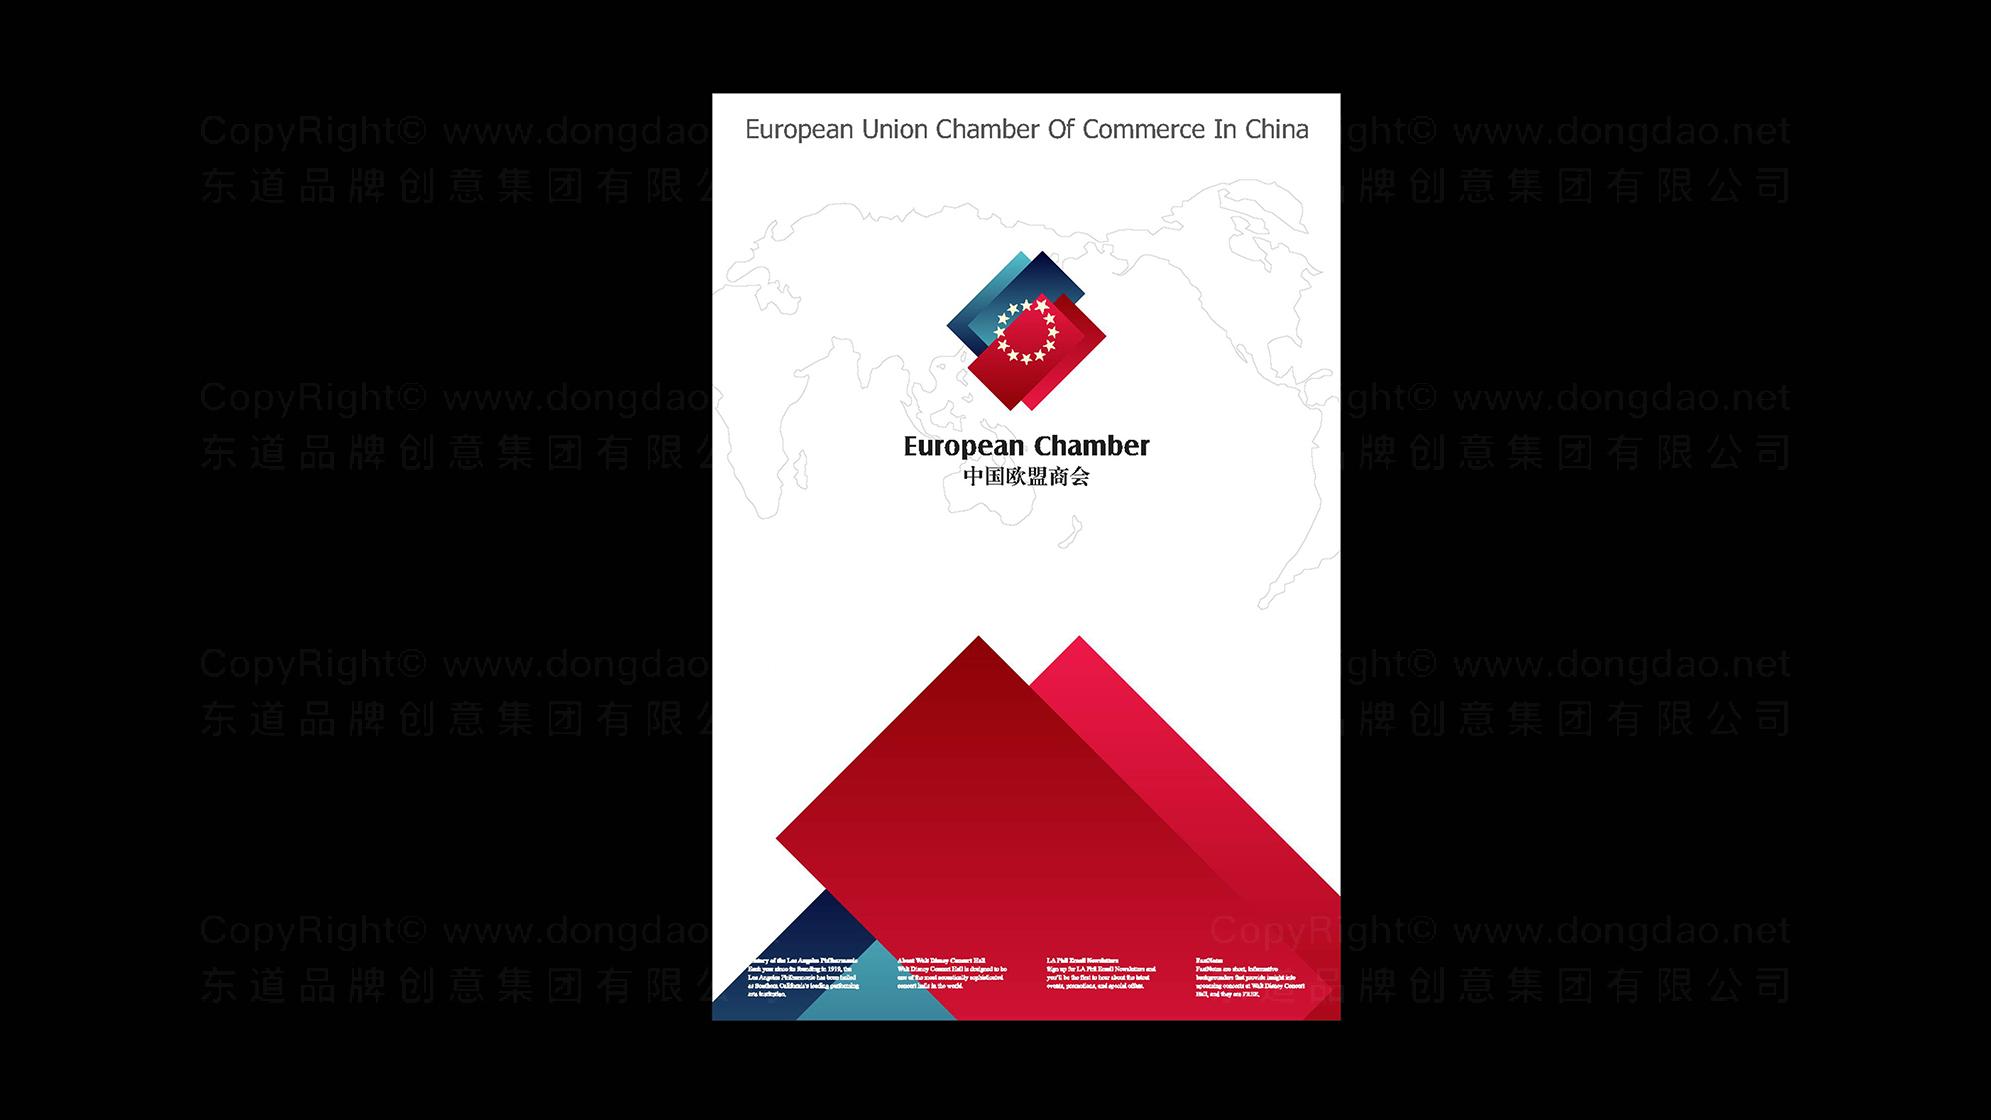 中国欧盟商会LOGO设计、VI设计应用场景